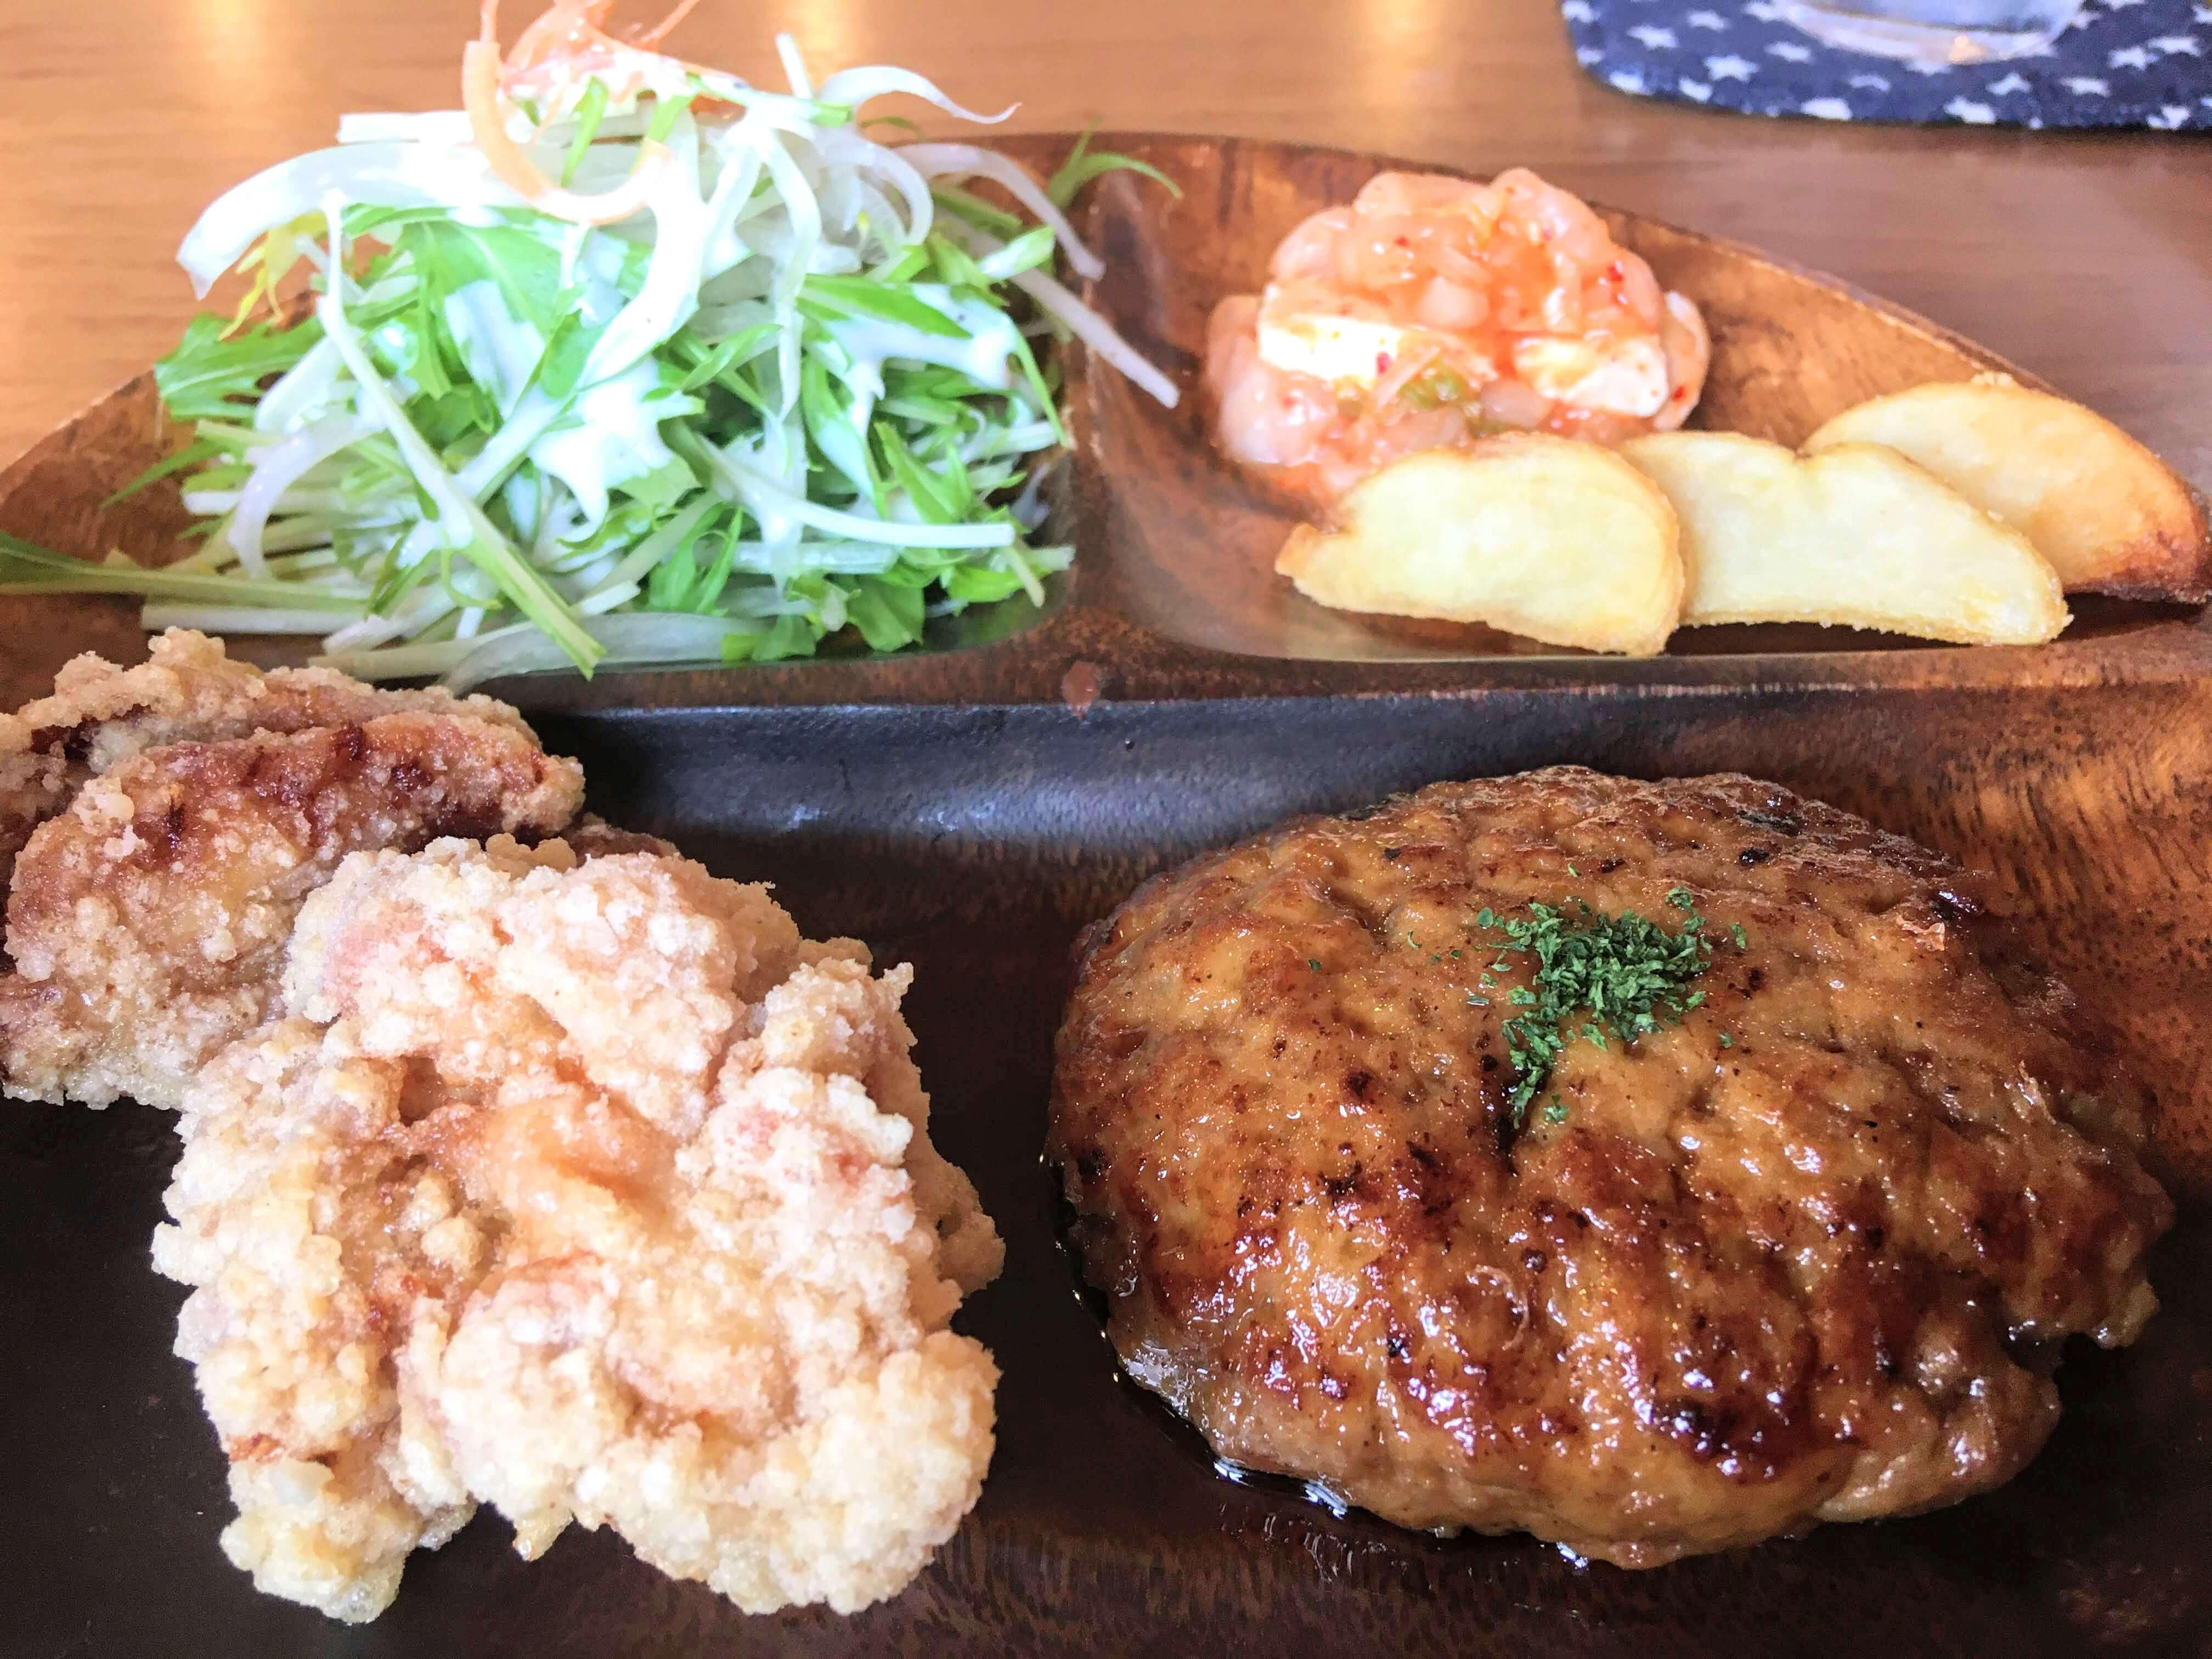 奄美大島龍郷でランチ・ディナーできるPADAのハンバーグ定食